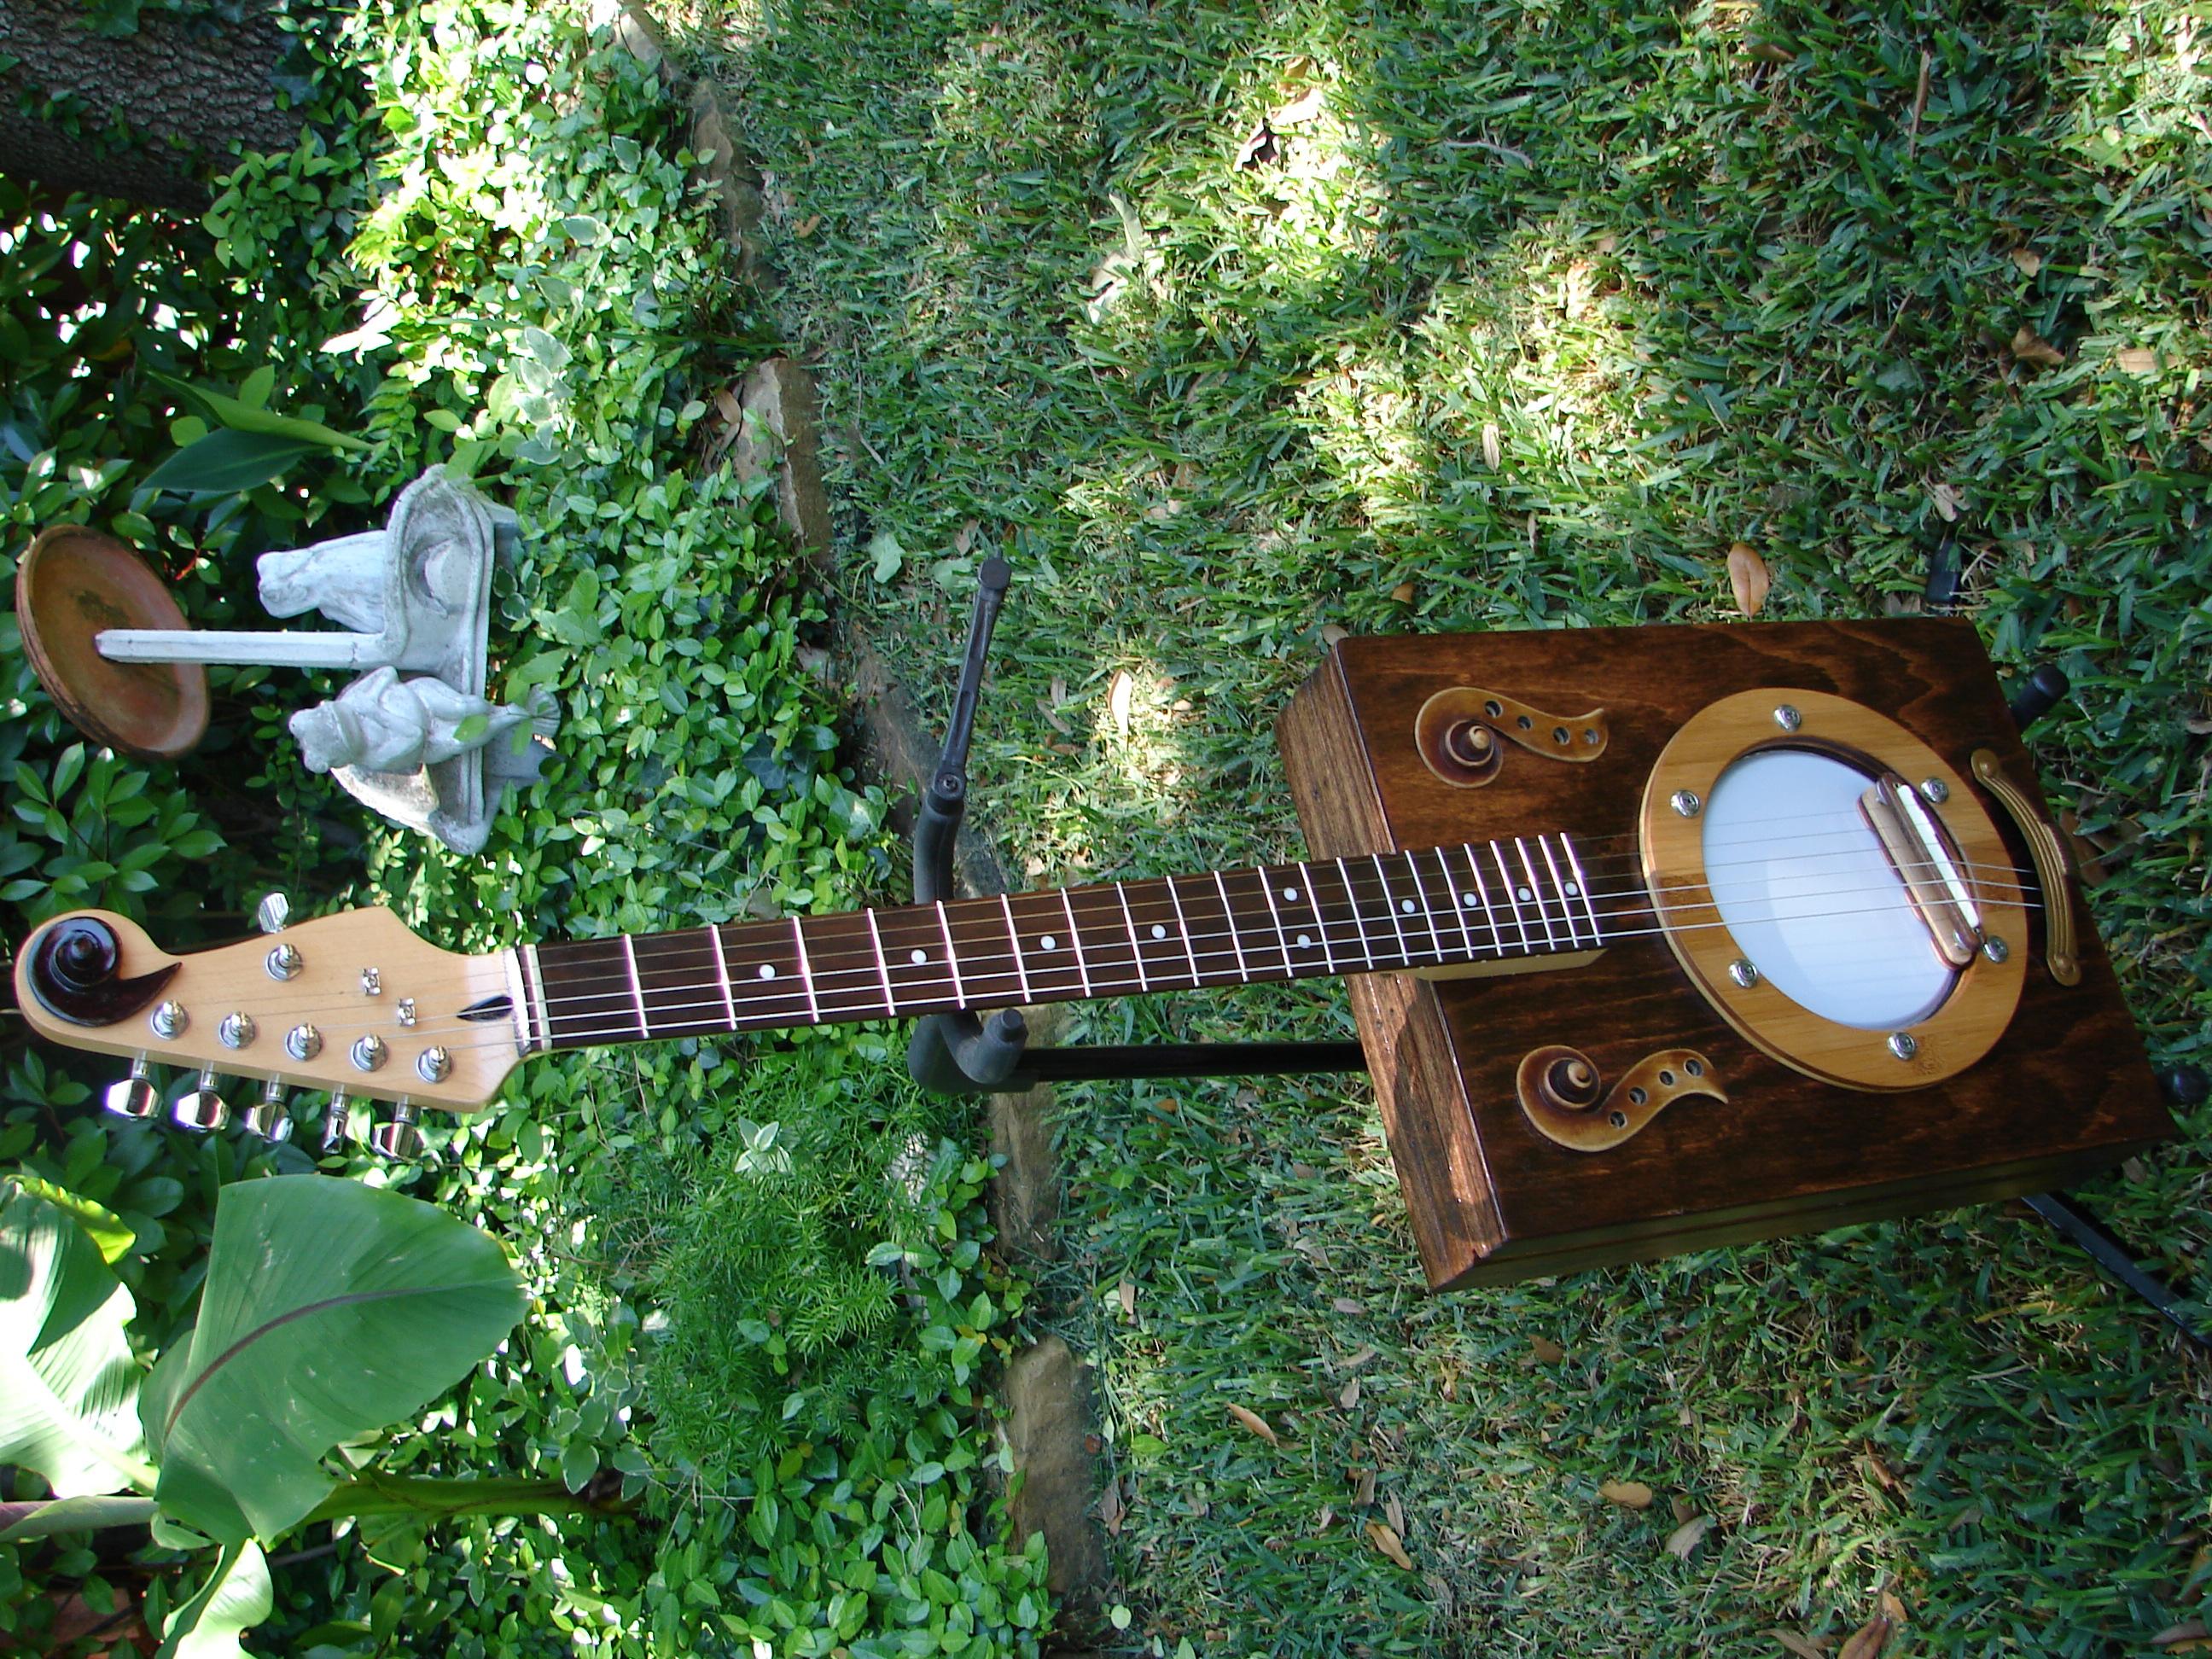 Banjelica - 6-String Banjo/Guitar